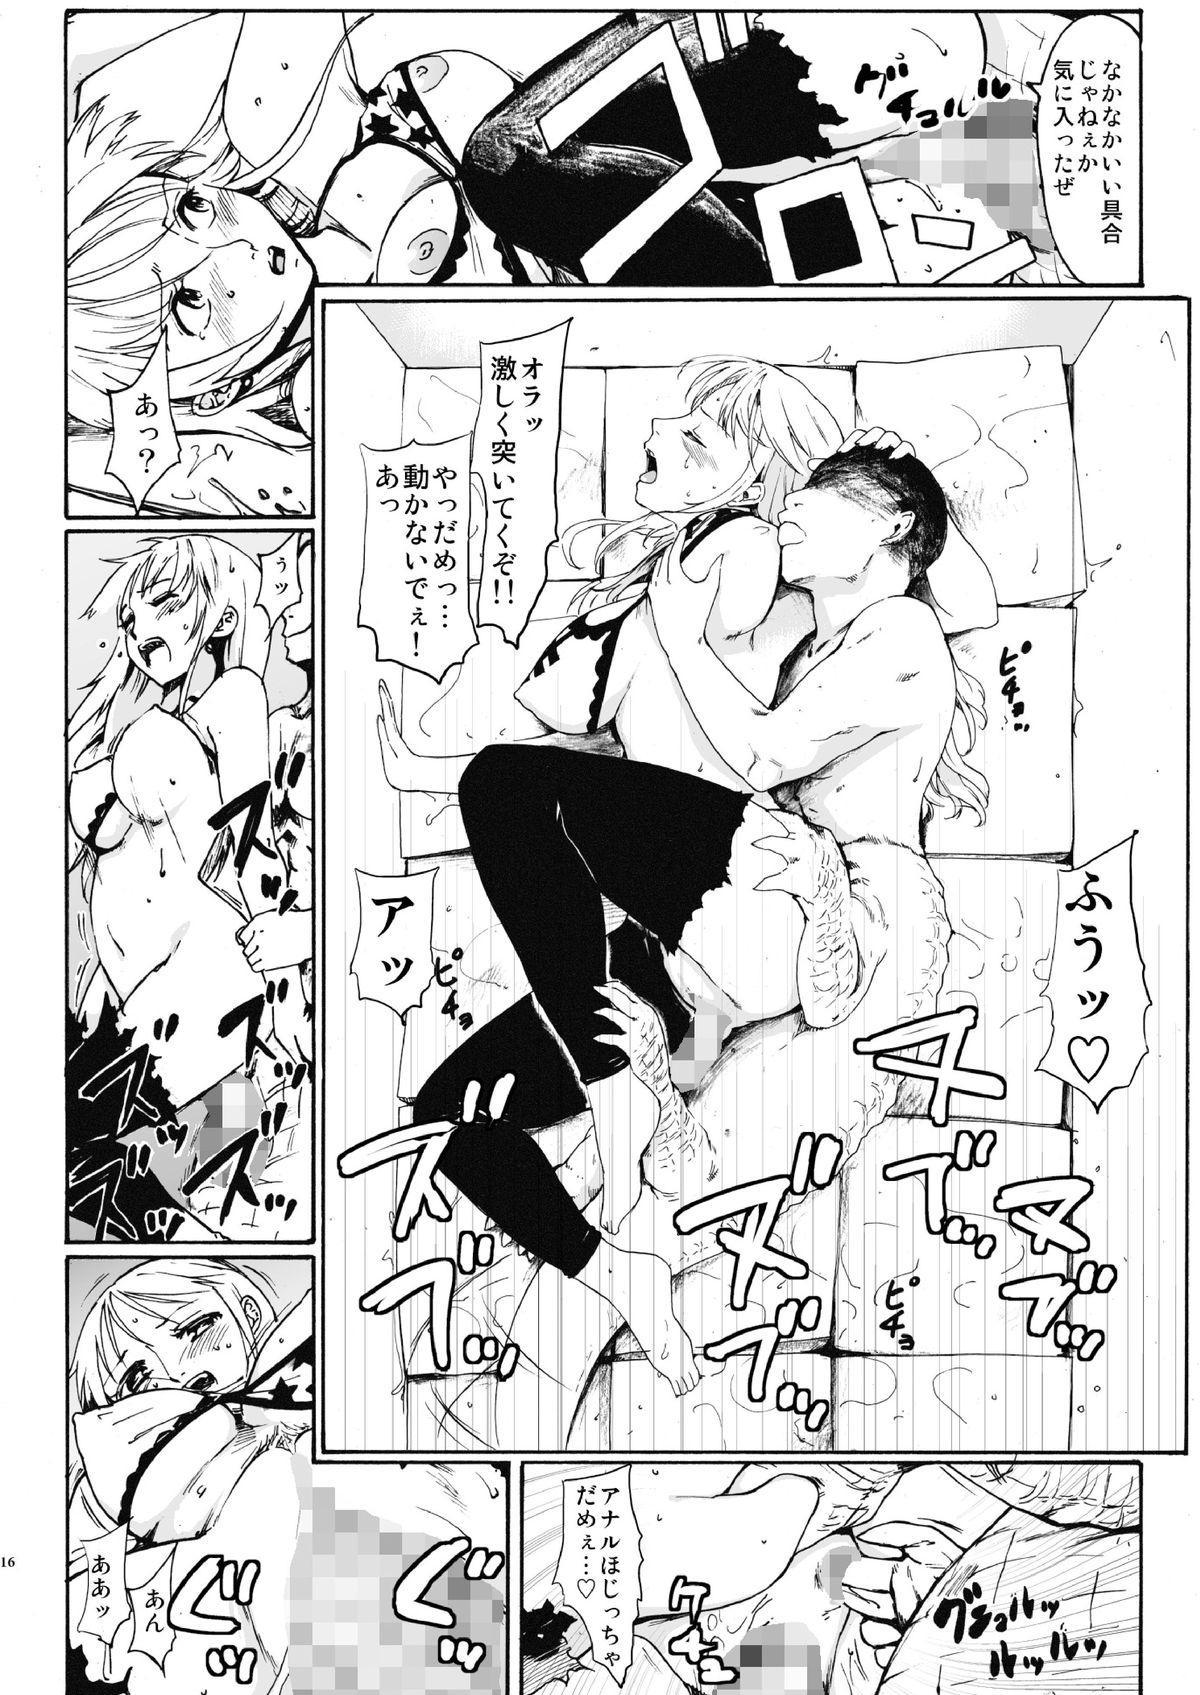 Zoku Gokkan no Jikkenshitsu 14